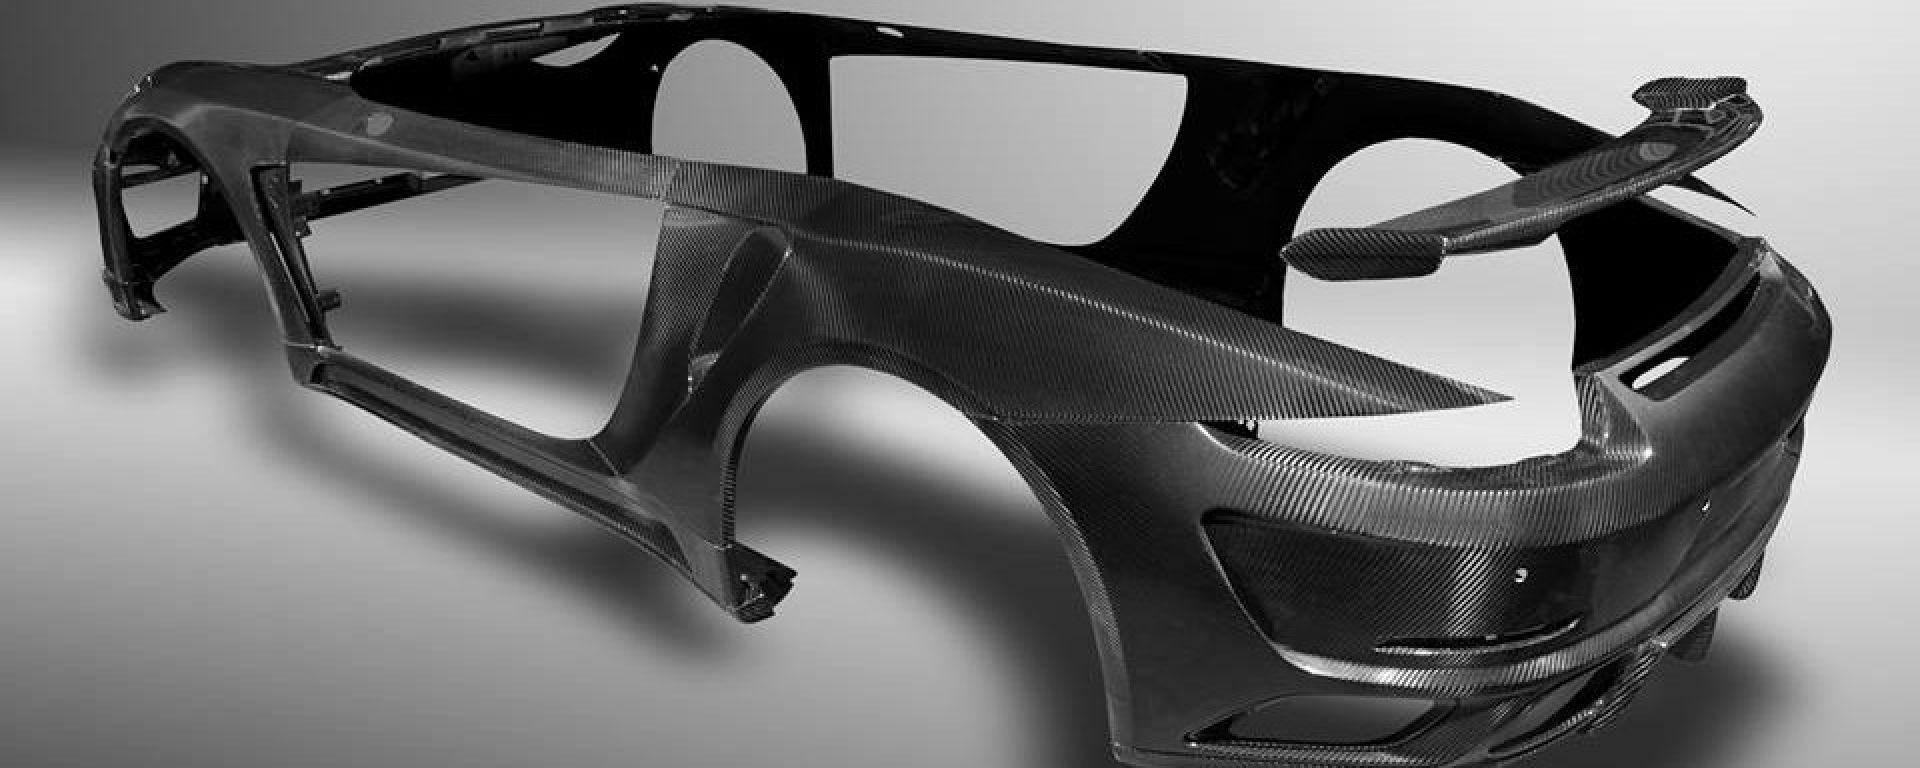 Topcar: un body kit in carbonio per la Porsche 911 Turbo